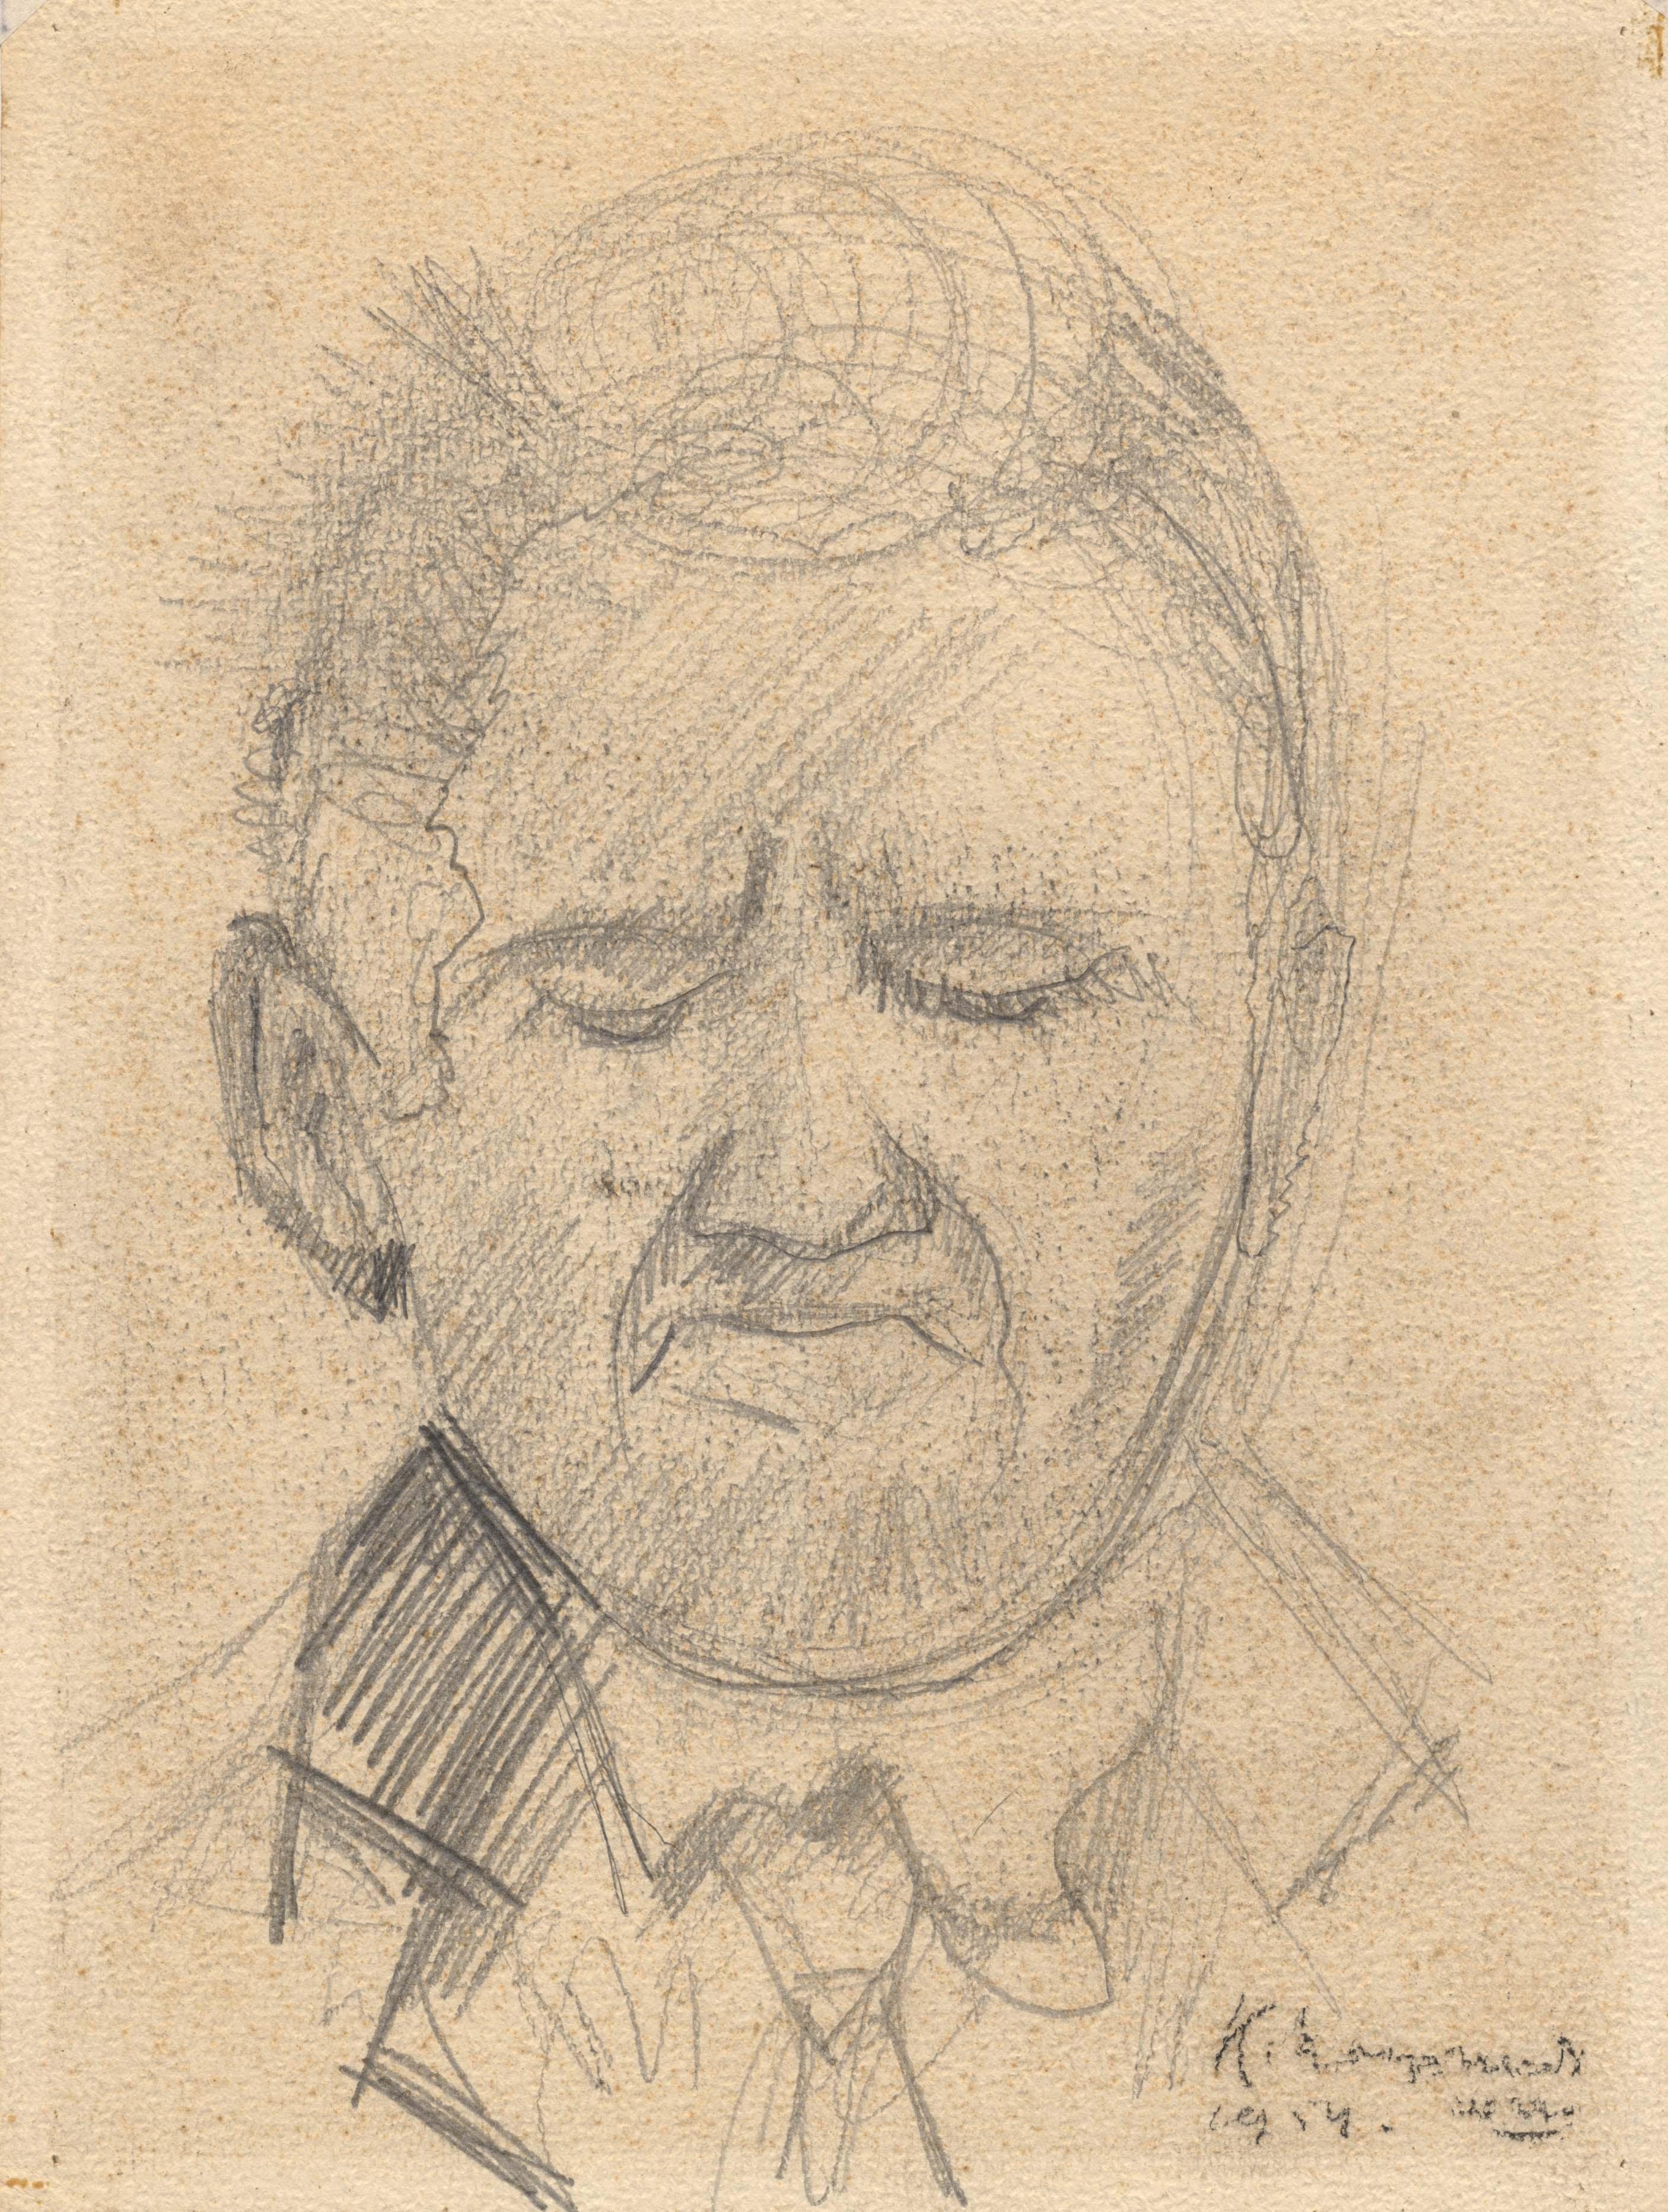 Een portret van een man